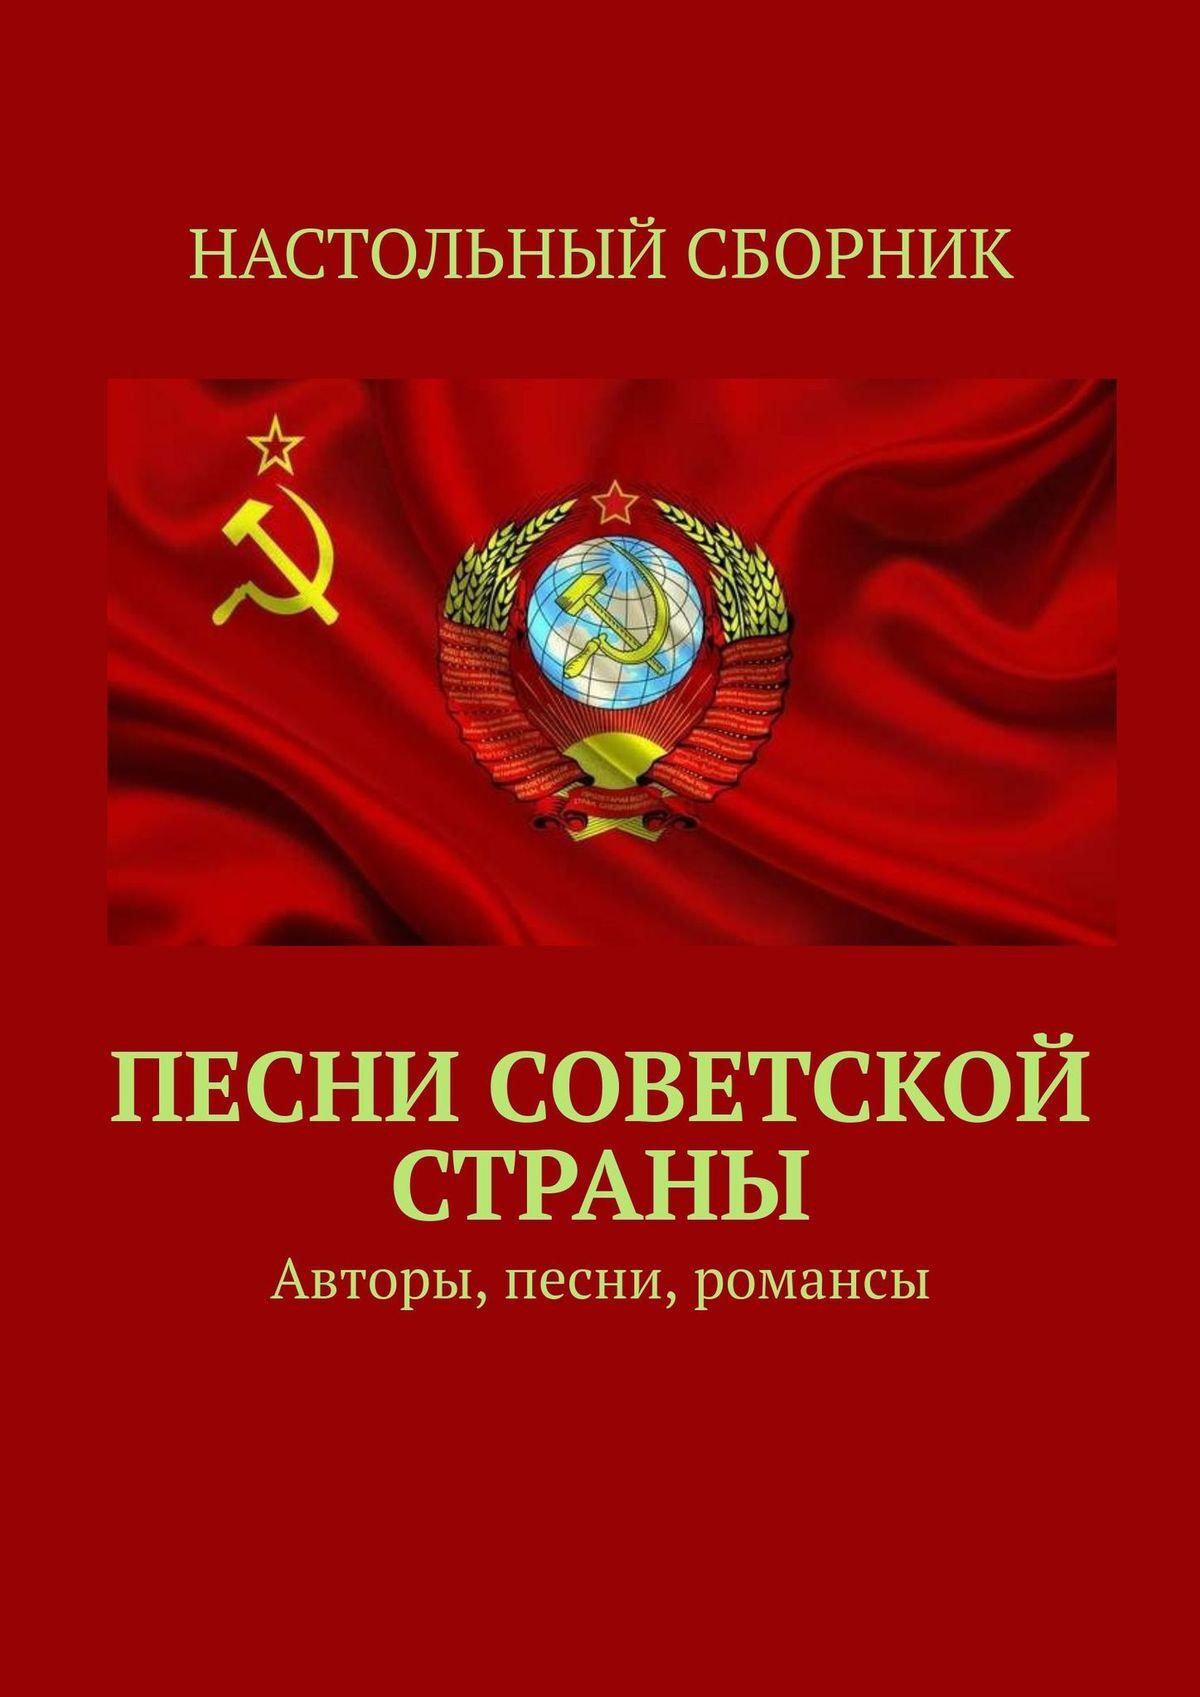 Песни Советской страны. Авторы, песни, романсы